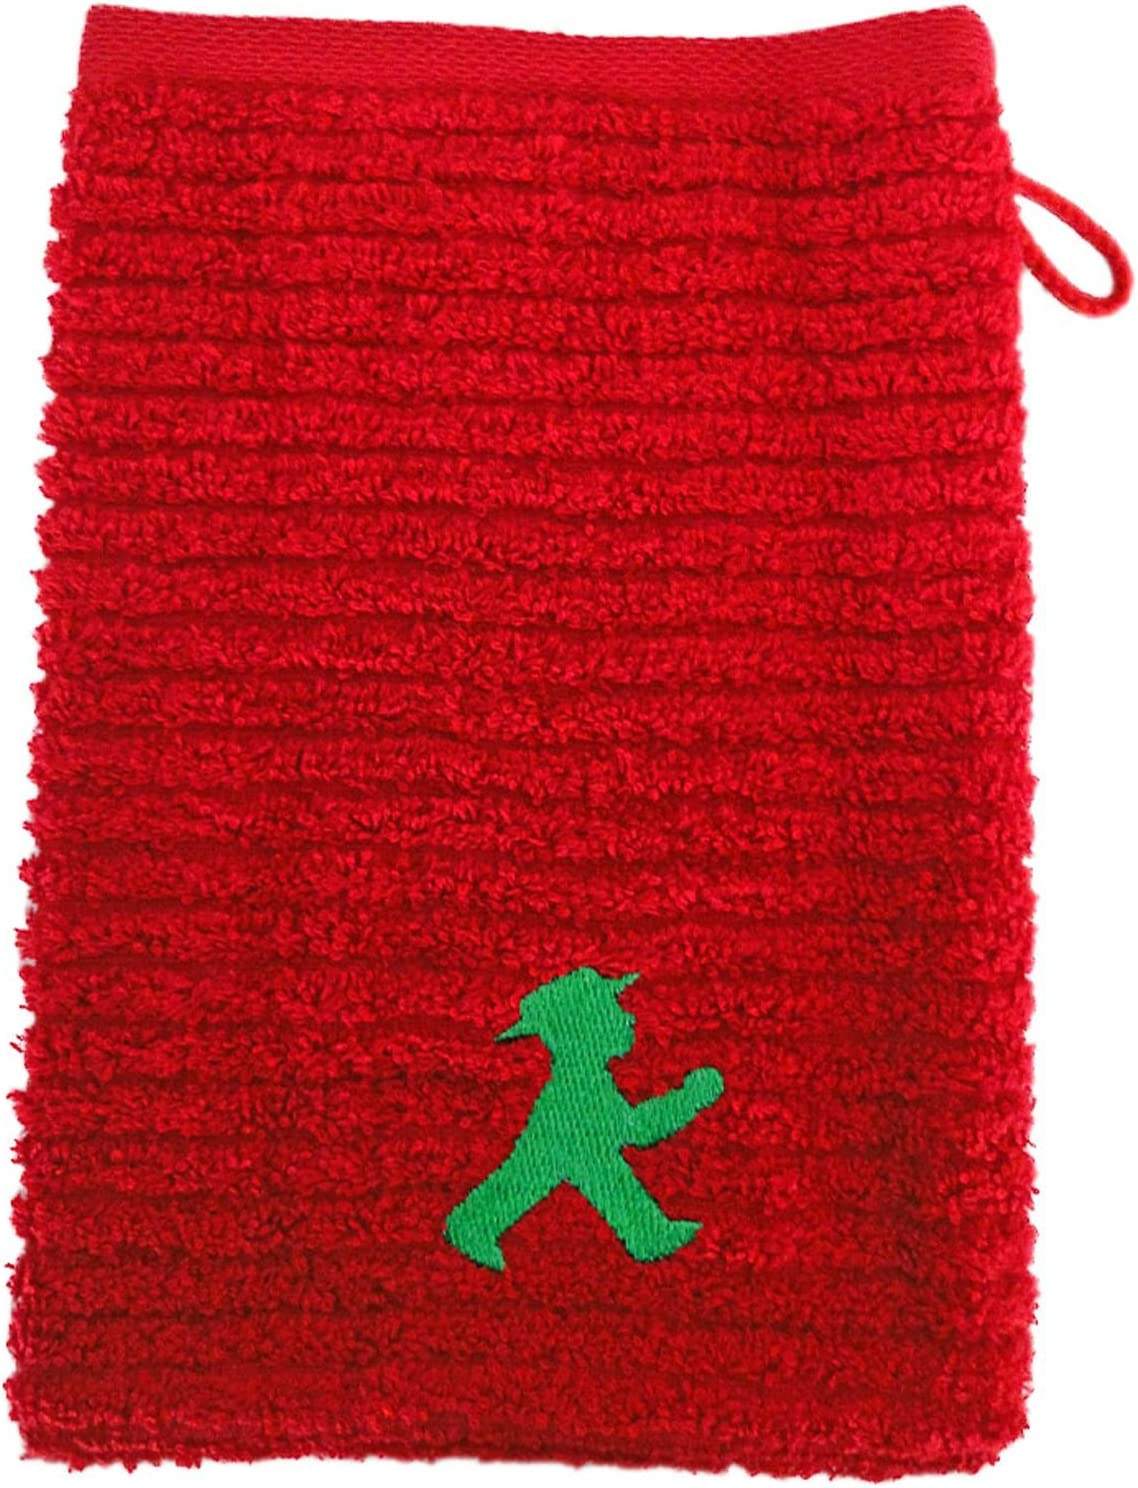 AMPELMANN Gant Masseur mod/èle Vert de feu Rouge